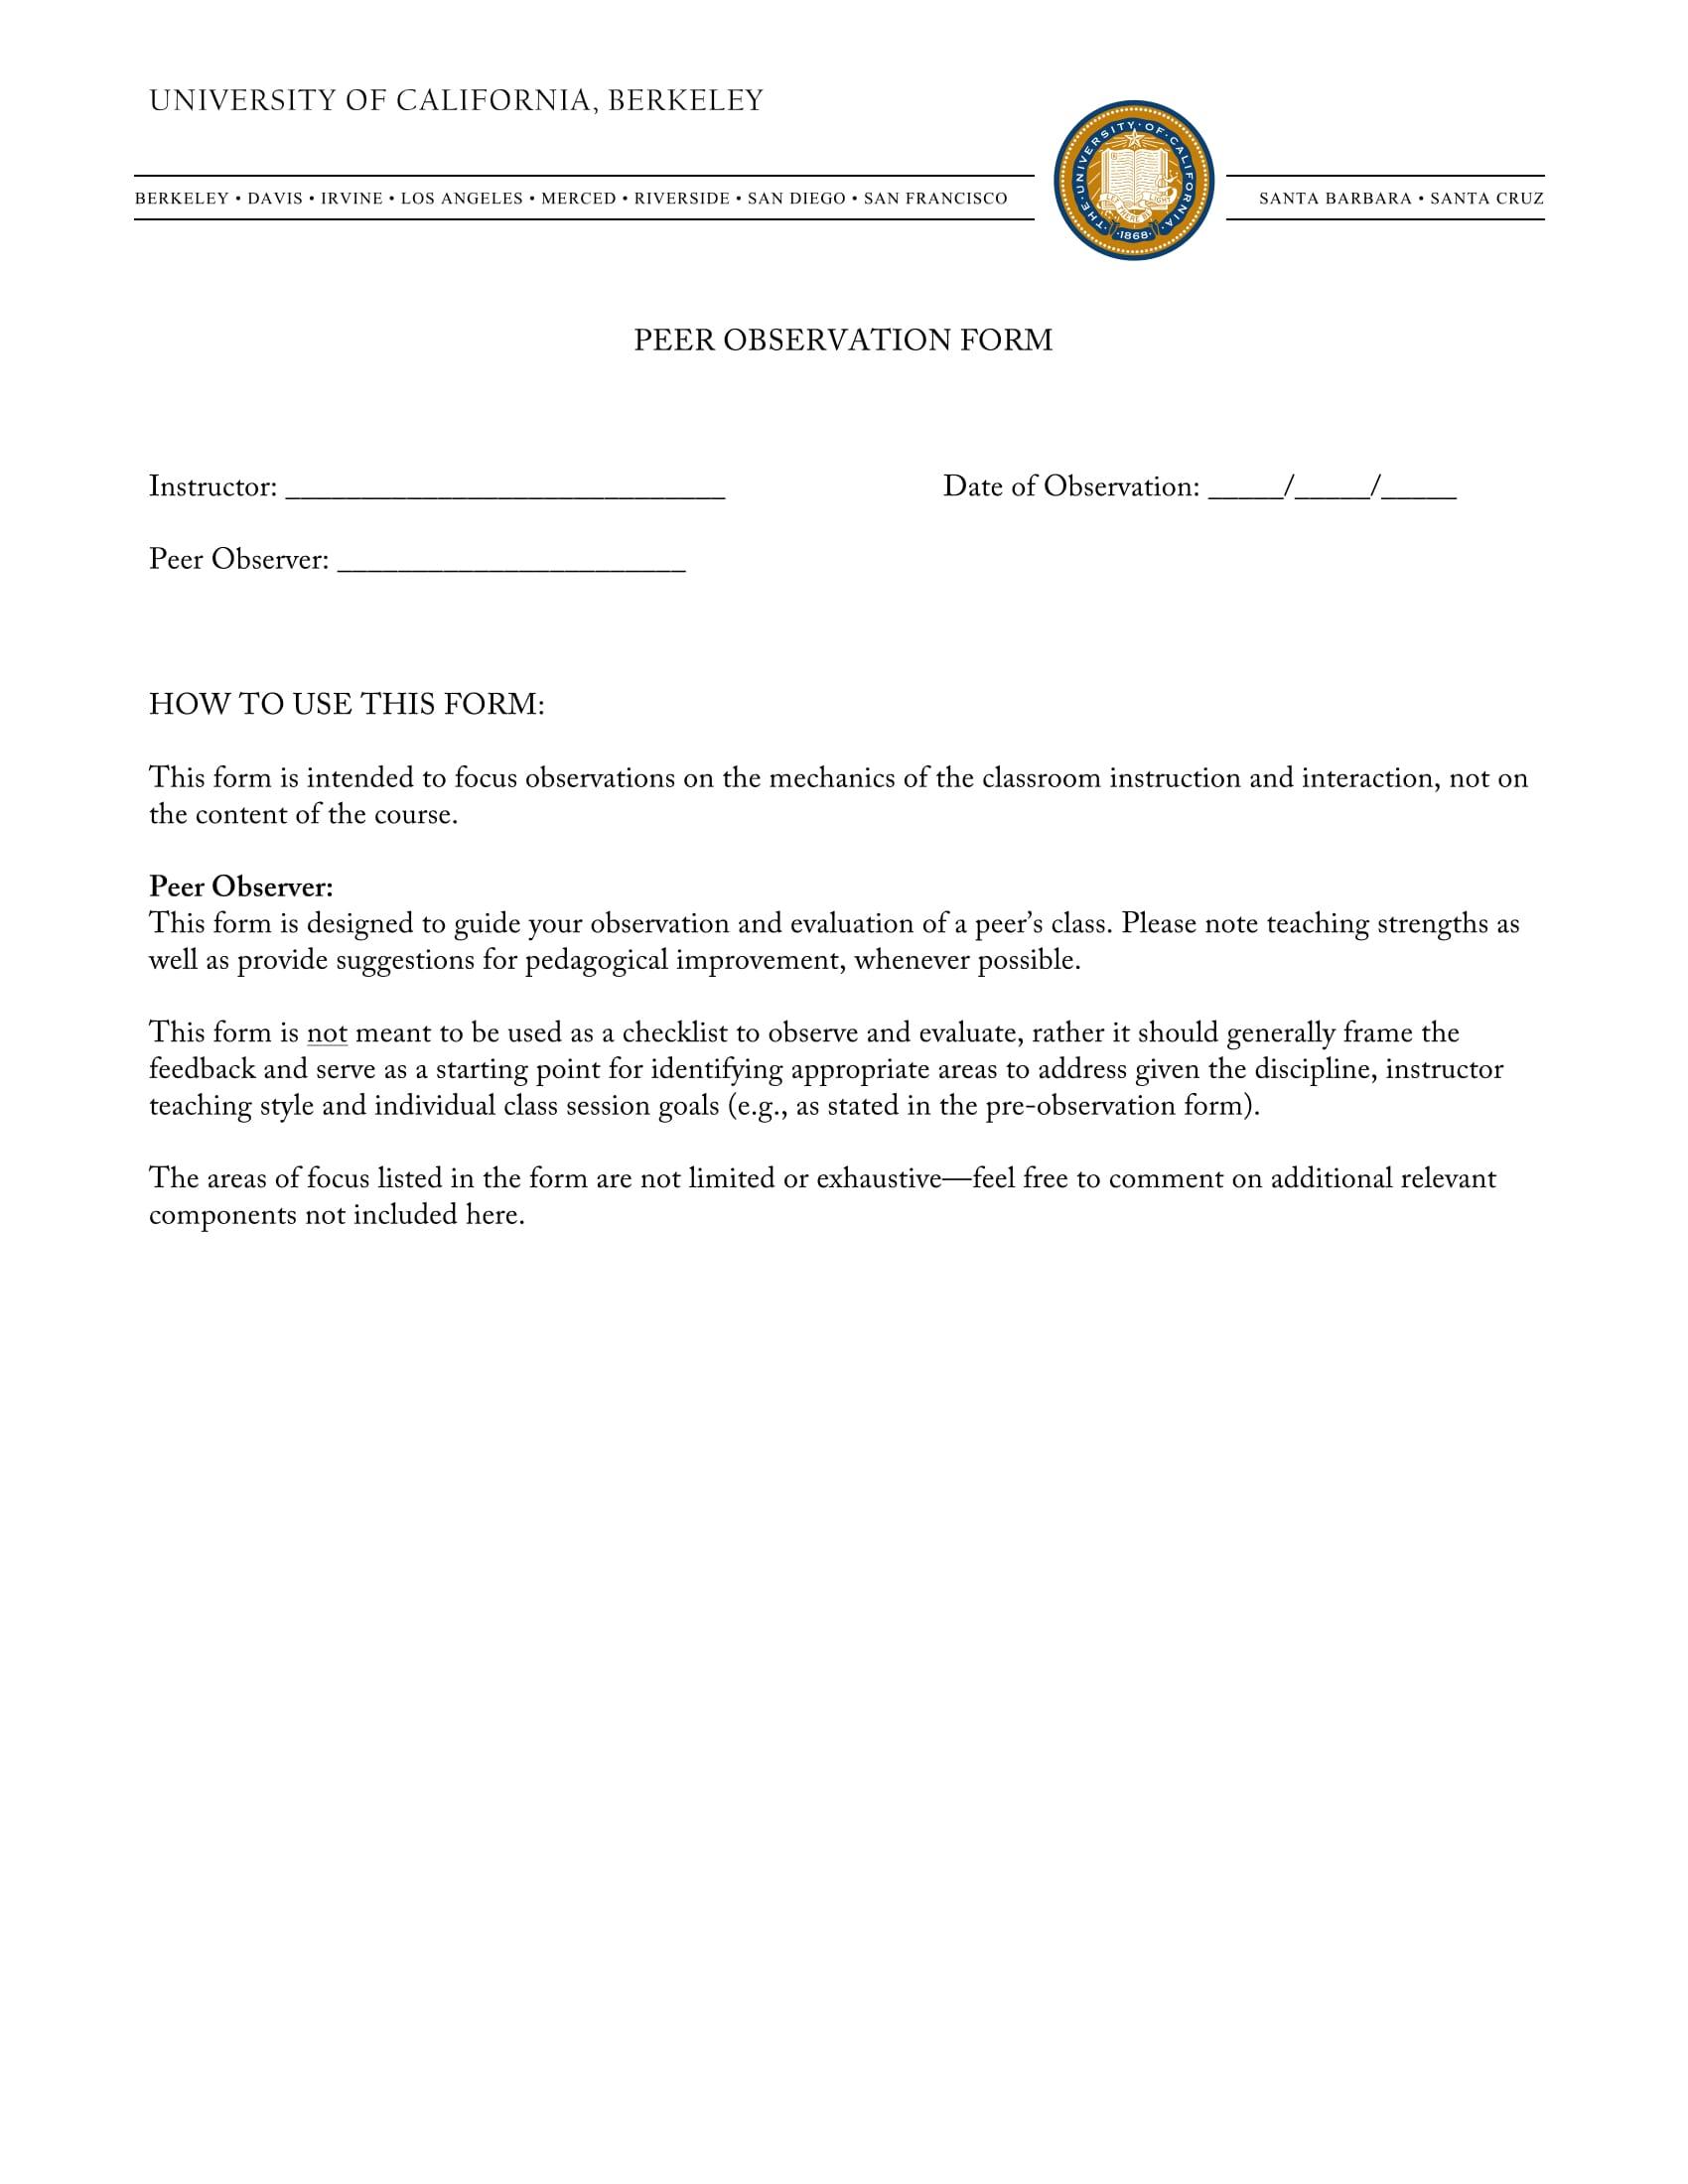 peer observation form sample 1